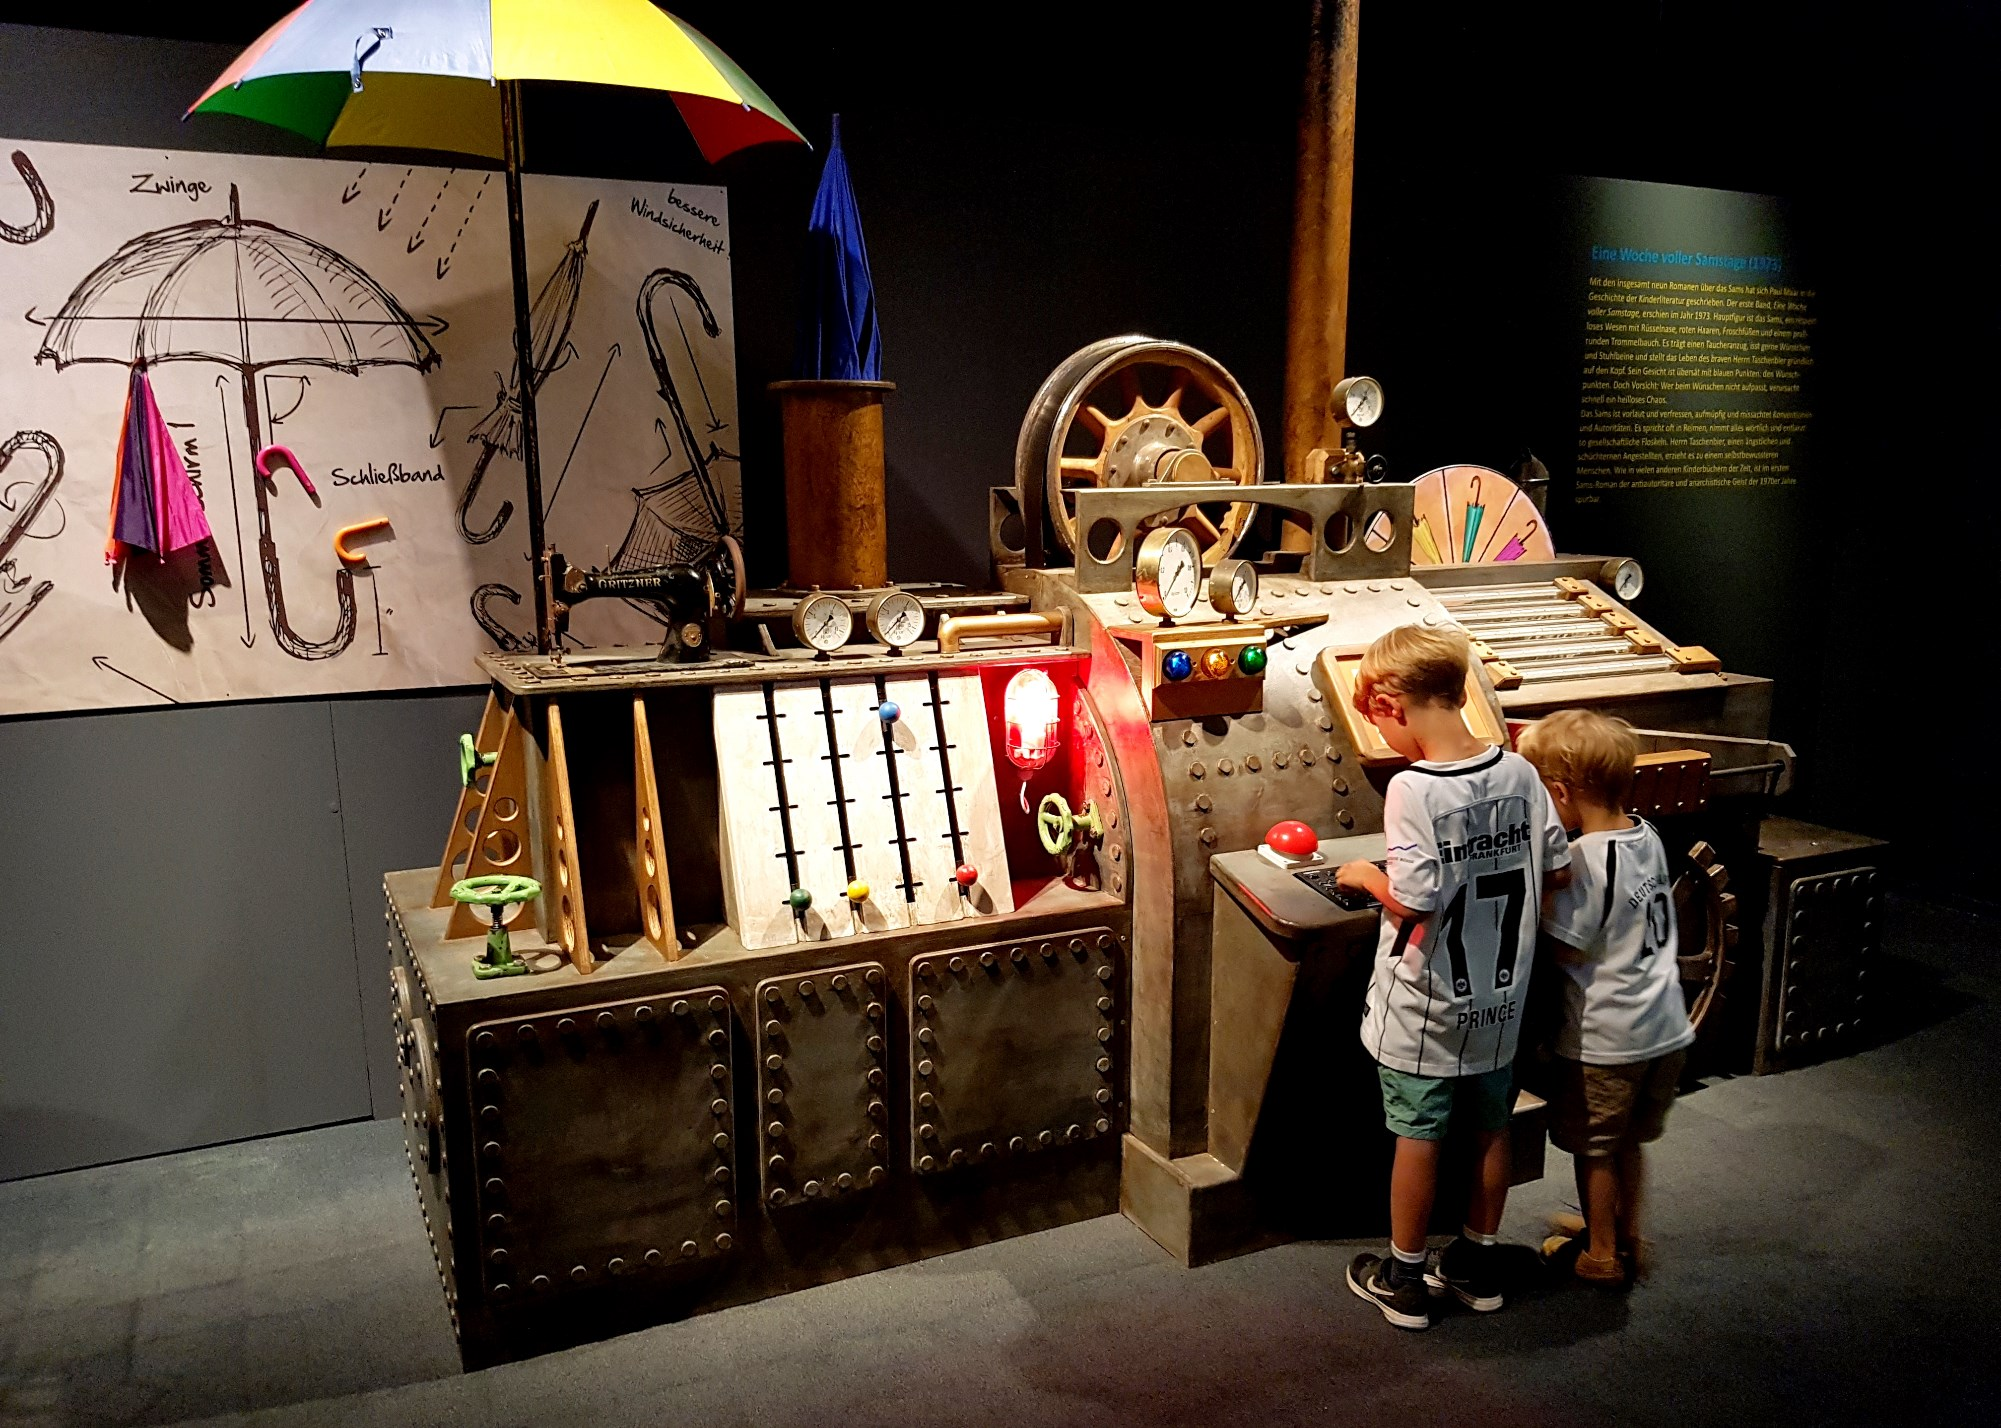 Helden der Kinderbücher in Speyer #kinderbuch #museum #speyer #ausflug